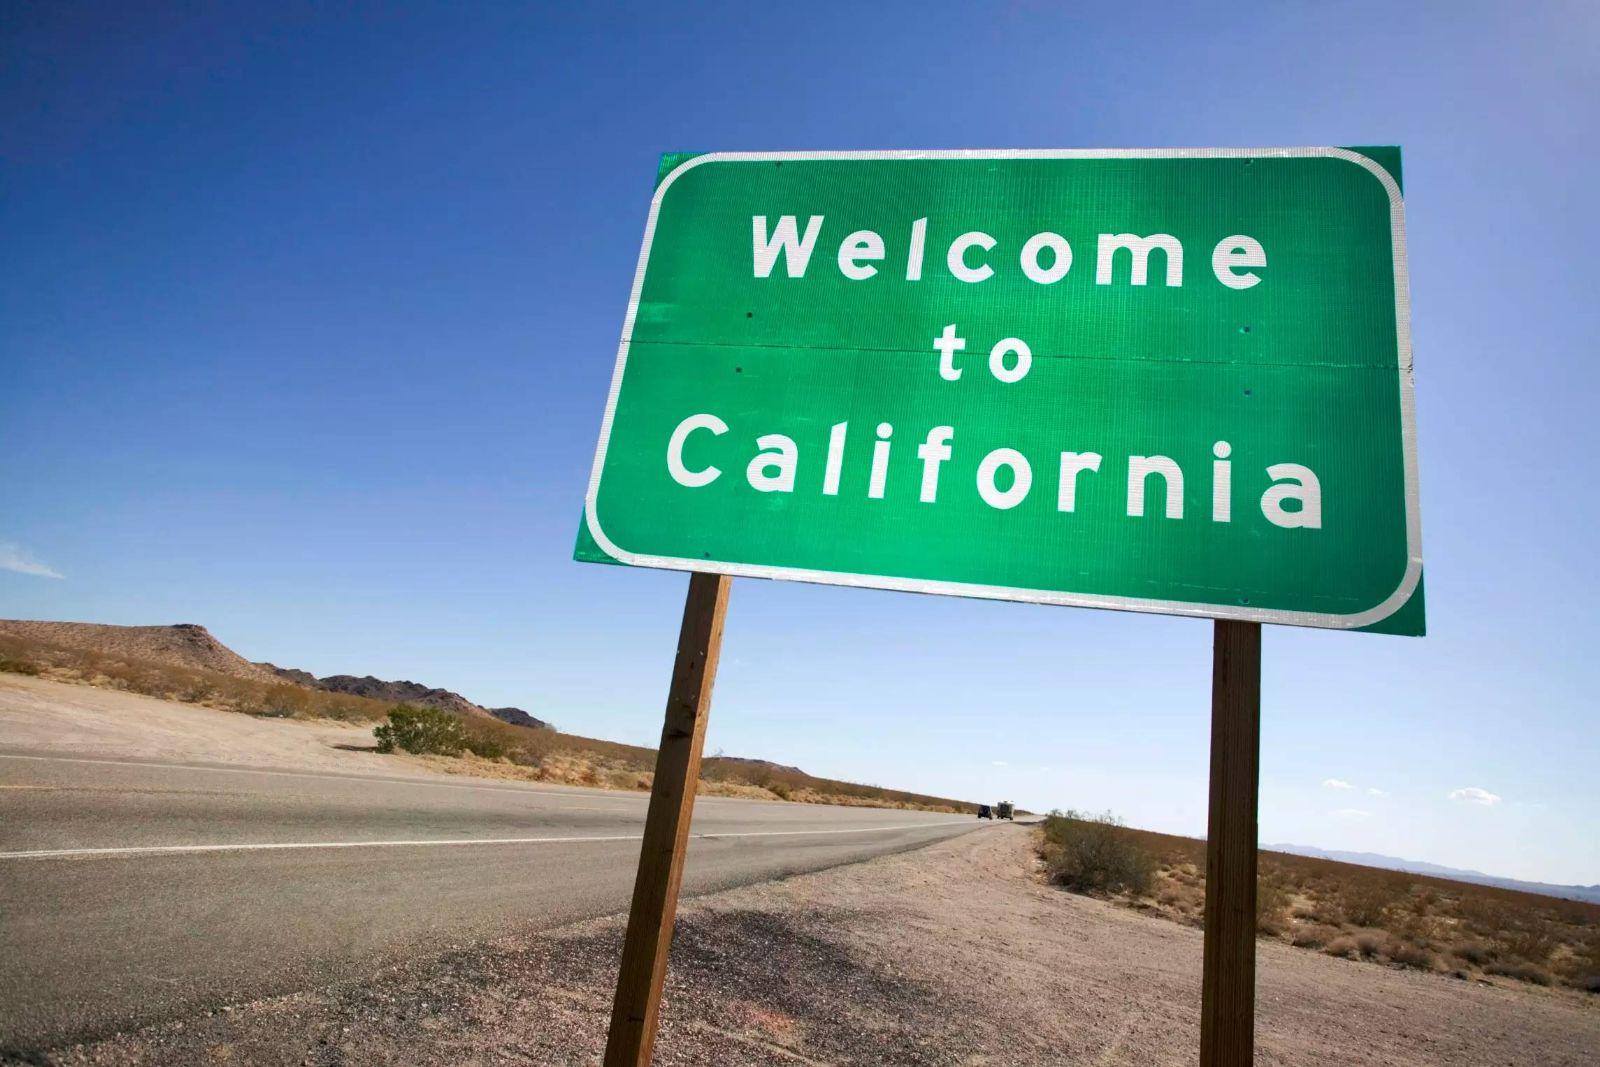 美国留学生,美国加州,美国大学,中国留学生,留学地区选择